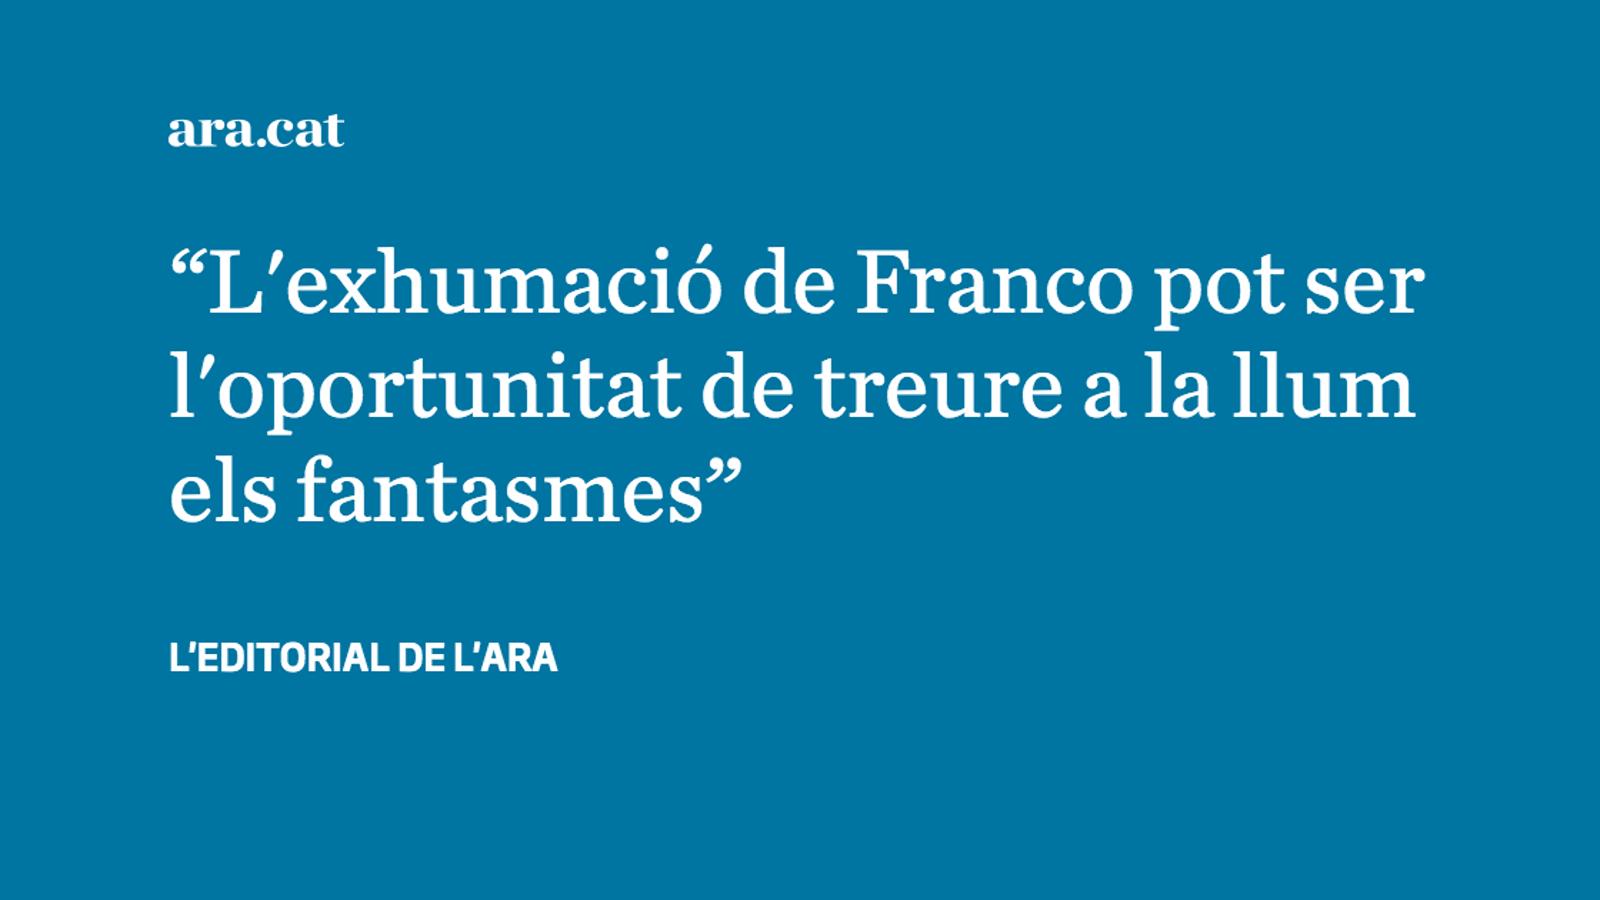 L'exhumació de Franco, un acte de justícia històrica i democràtica